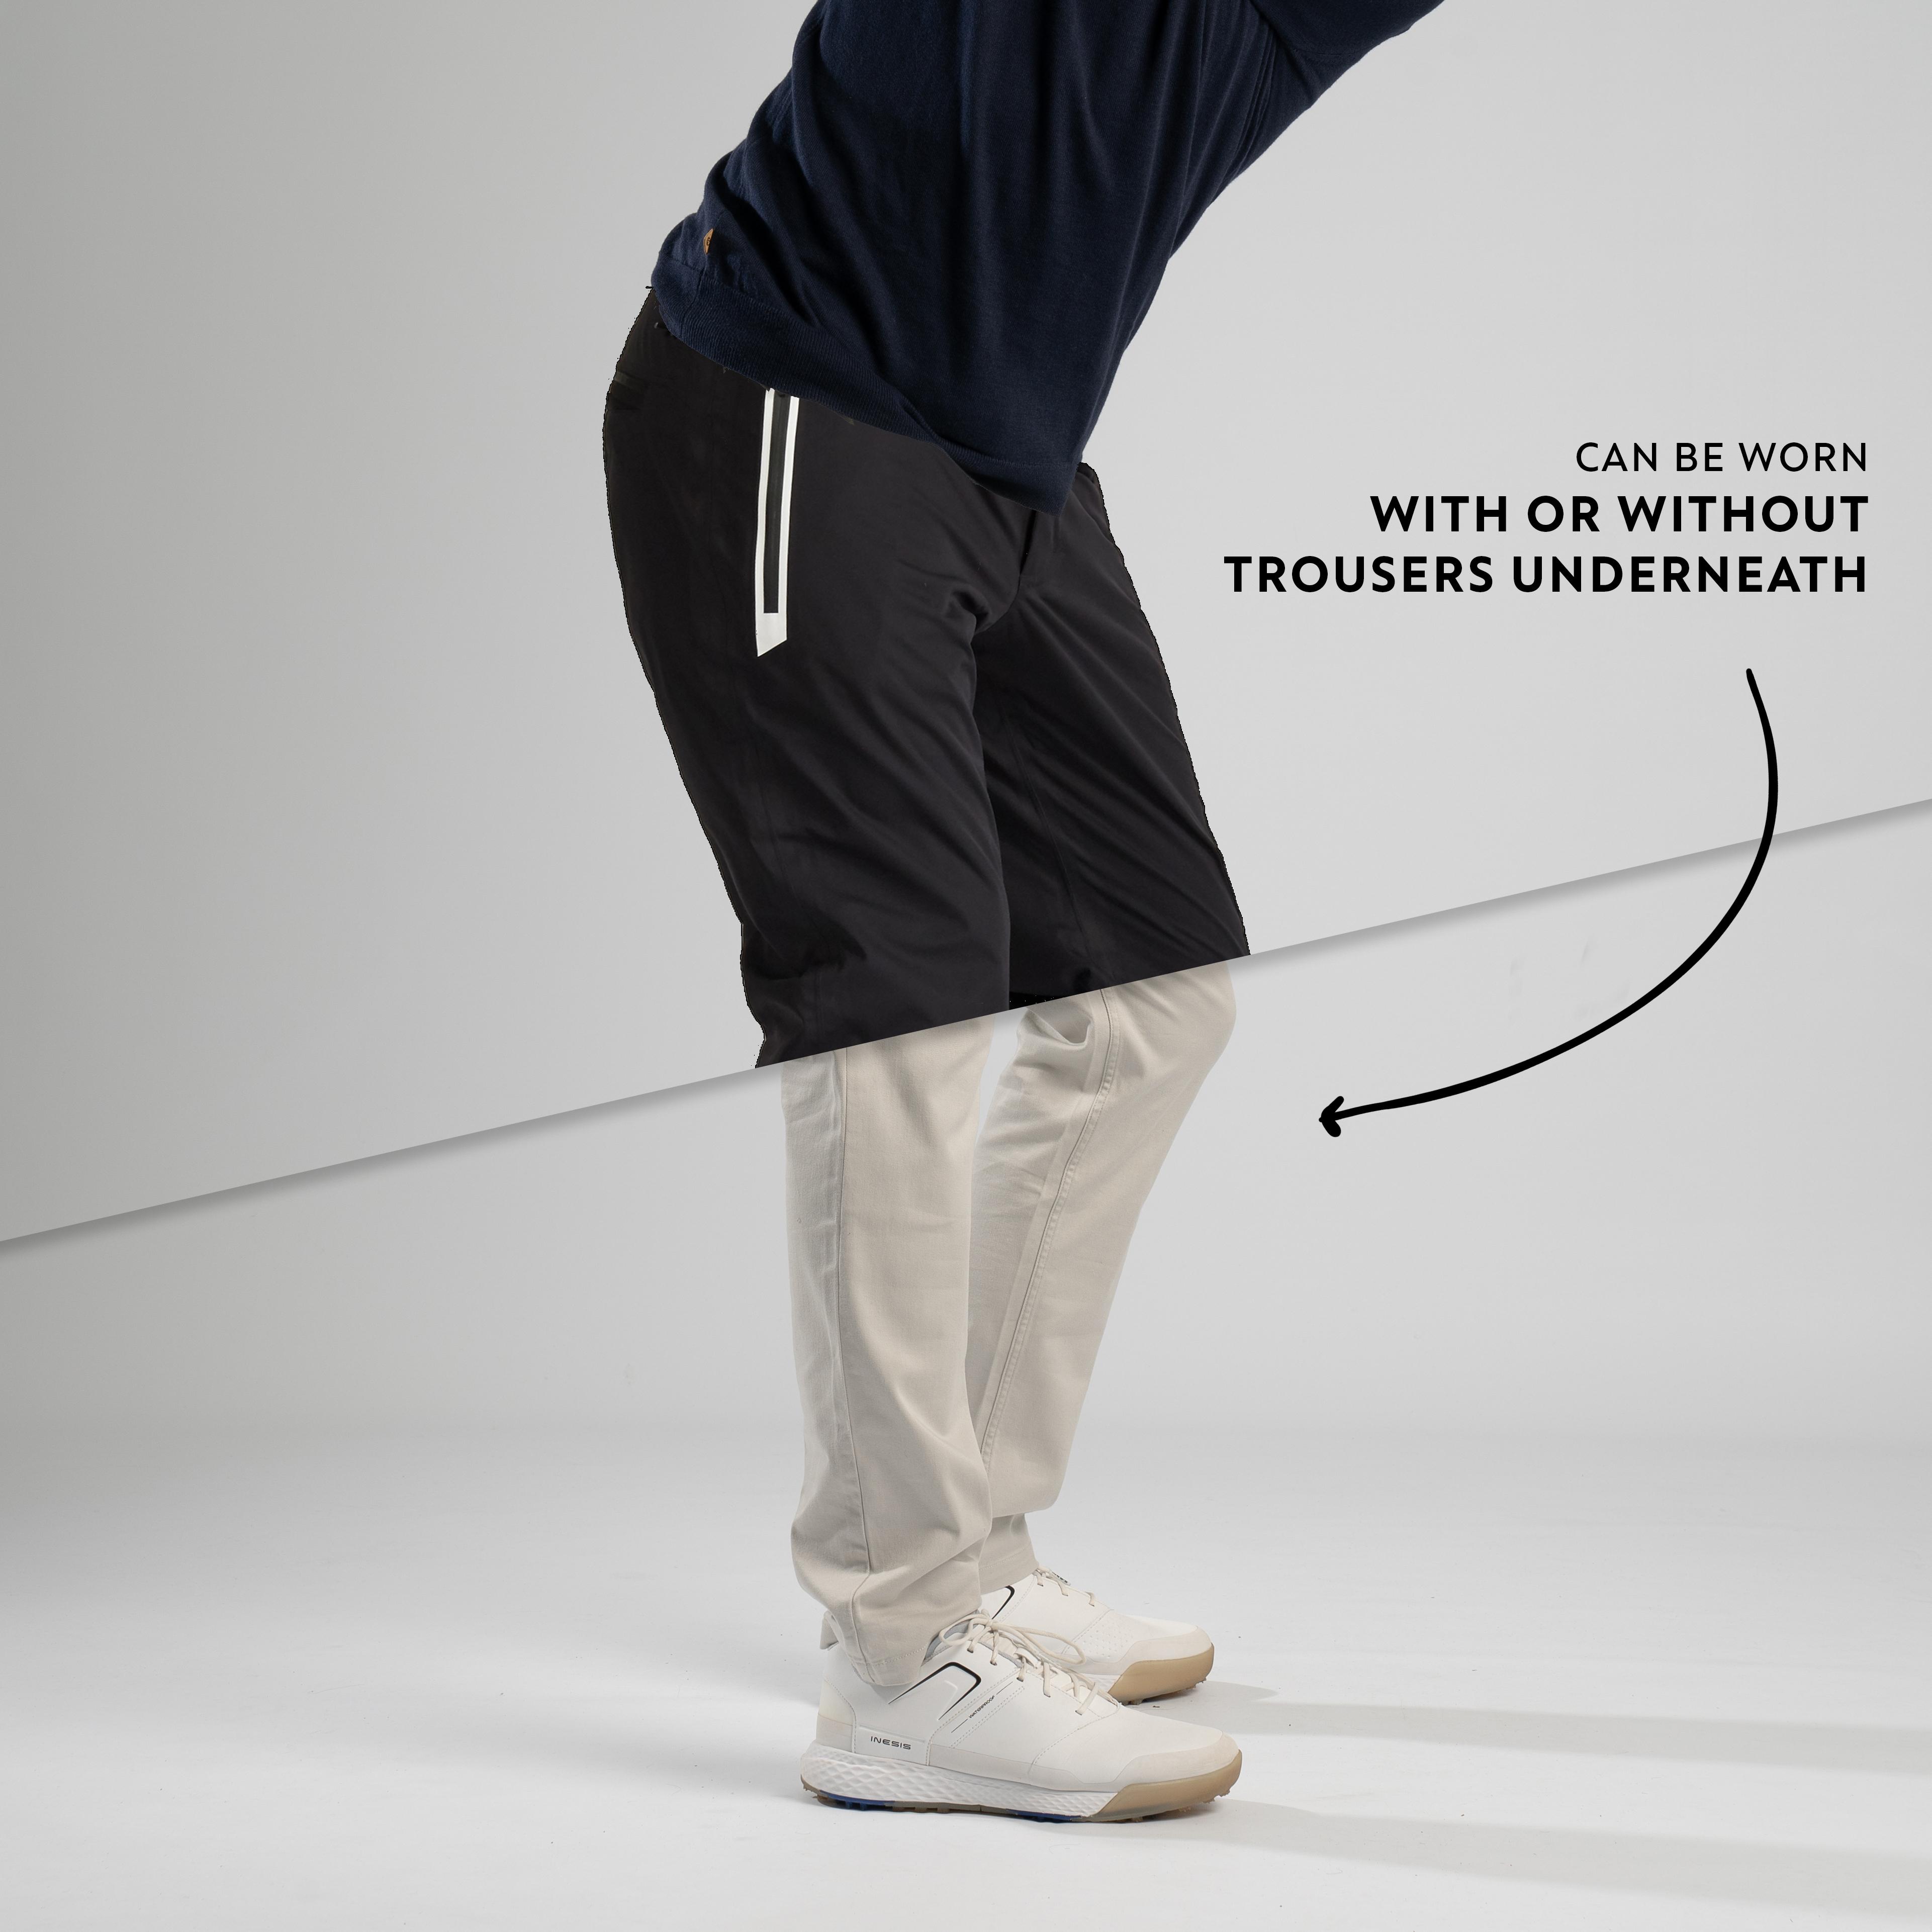 Waterproof-trousers.jpg